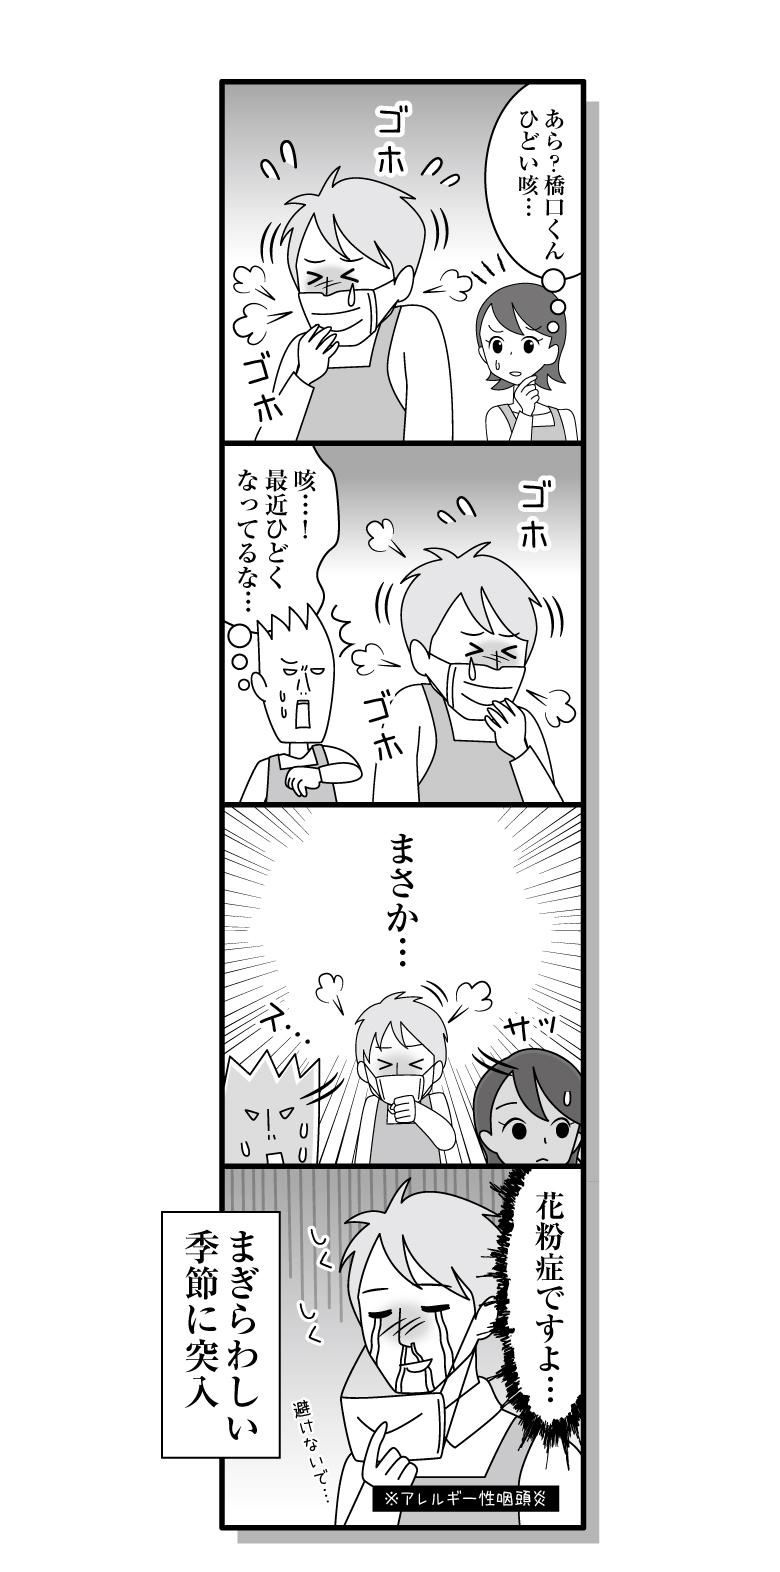 200215_manga